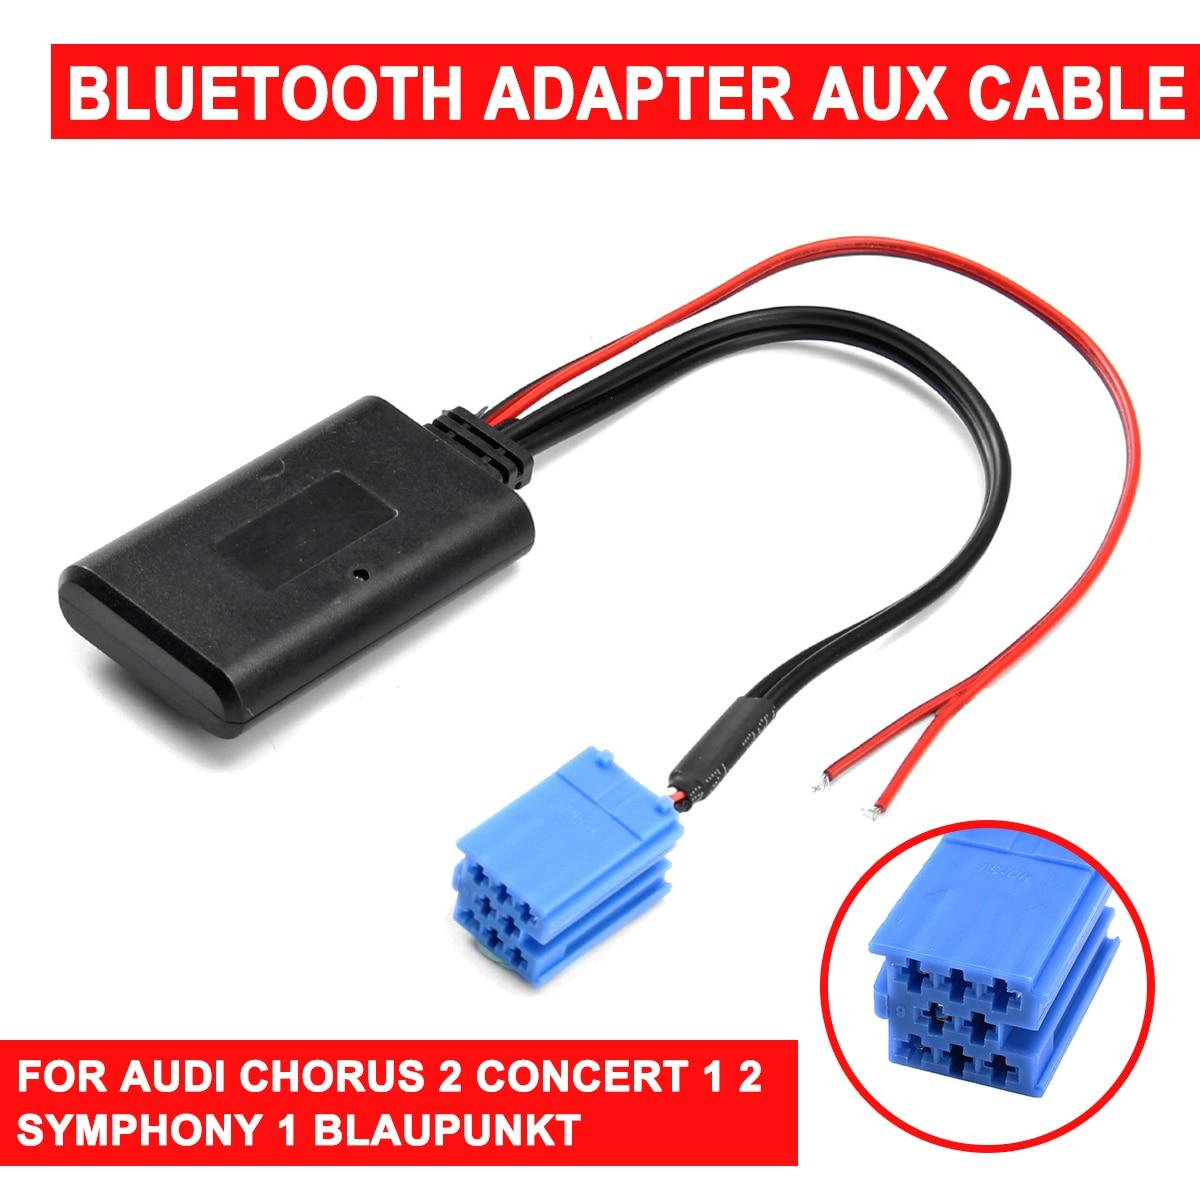 Для AUDI Chorus 2 Concert 1 2 Symphony 1 для Blaupunkt радио bluetooth AUX адаптер кабель CD приемники aux кабель